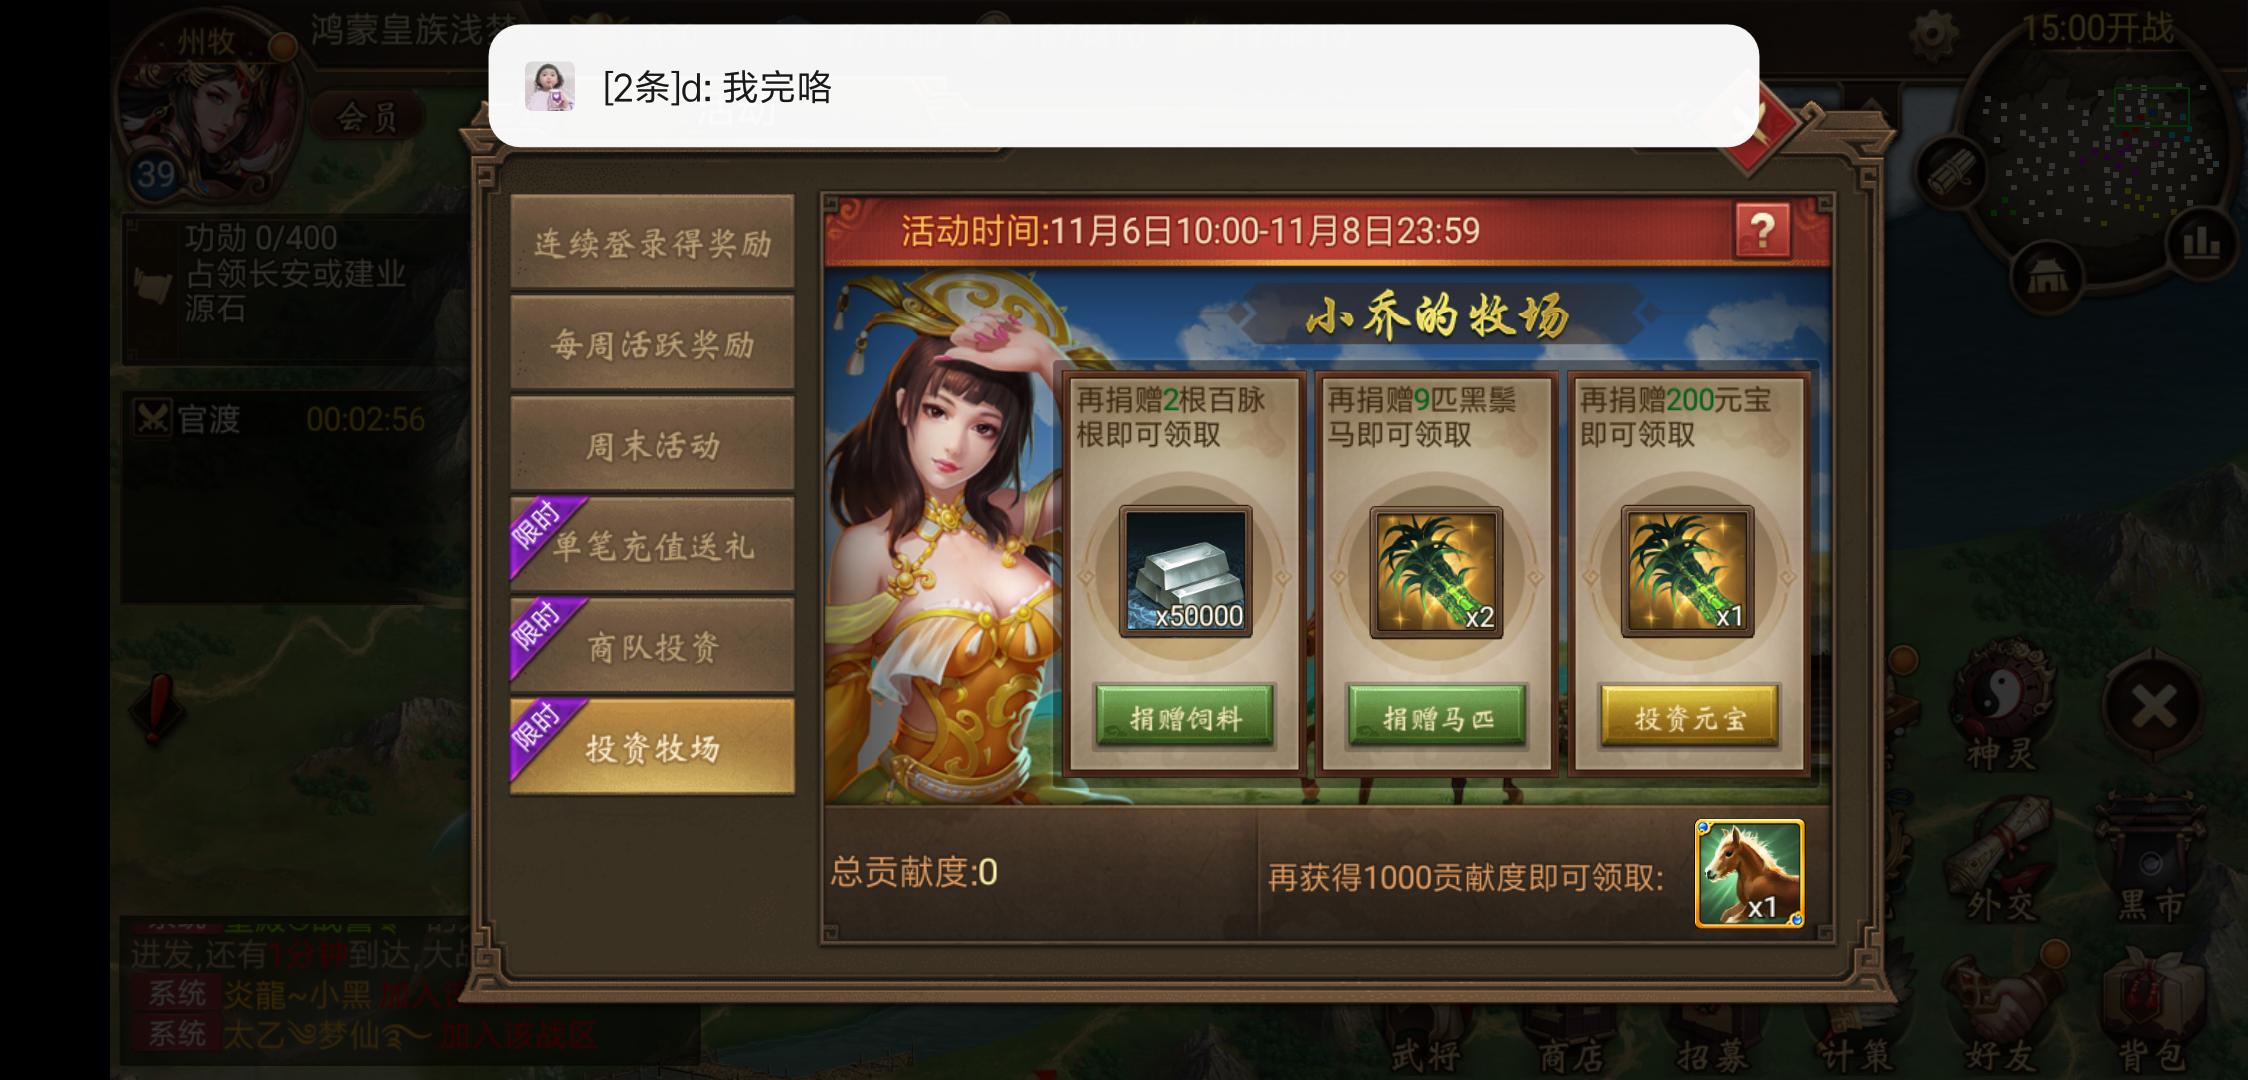 Screenshot_2019-11-08-14-10-20-294_com.jedigames.p20.nearme.gamecenter.png